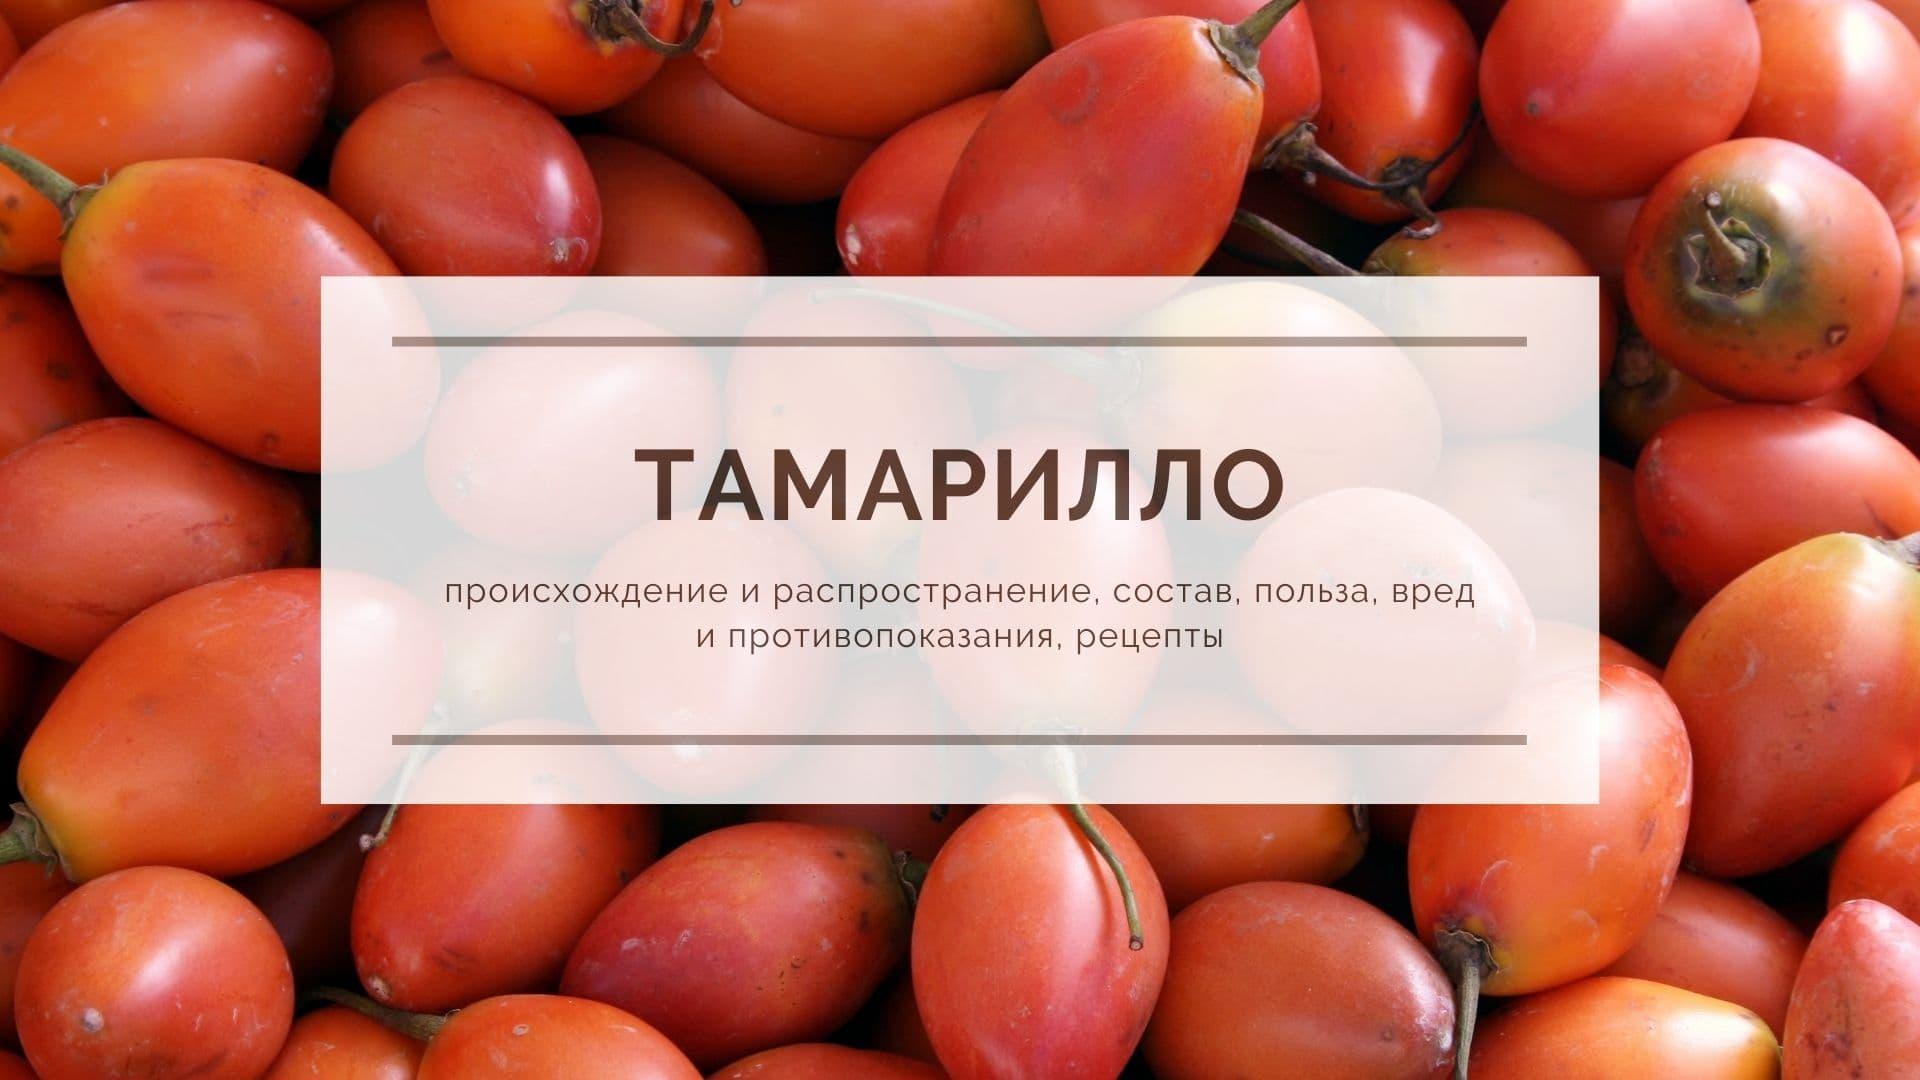 Тамарилло: происхождение и распространение, состав, польза, вред и противопоказания, рецепты